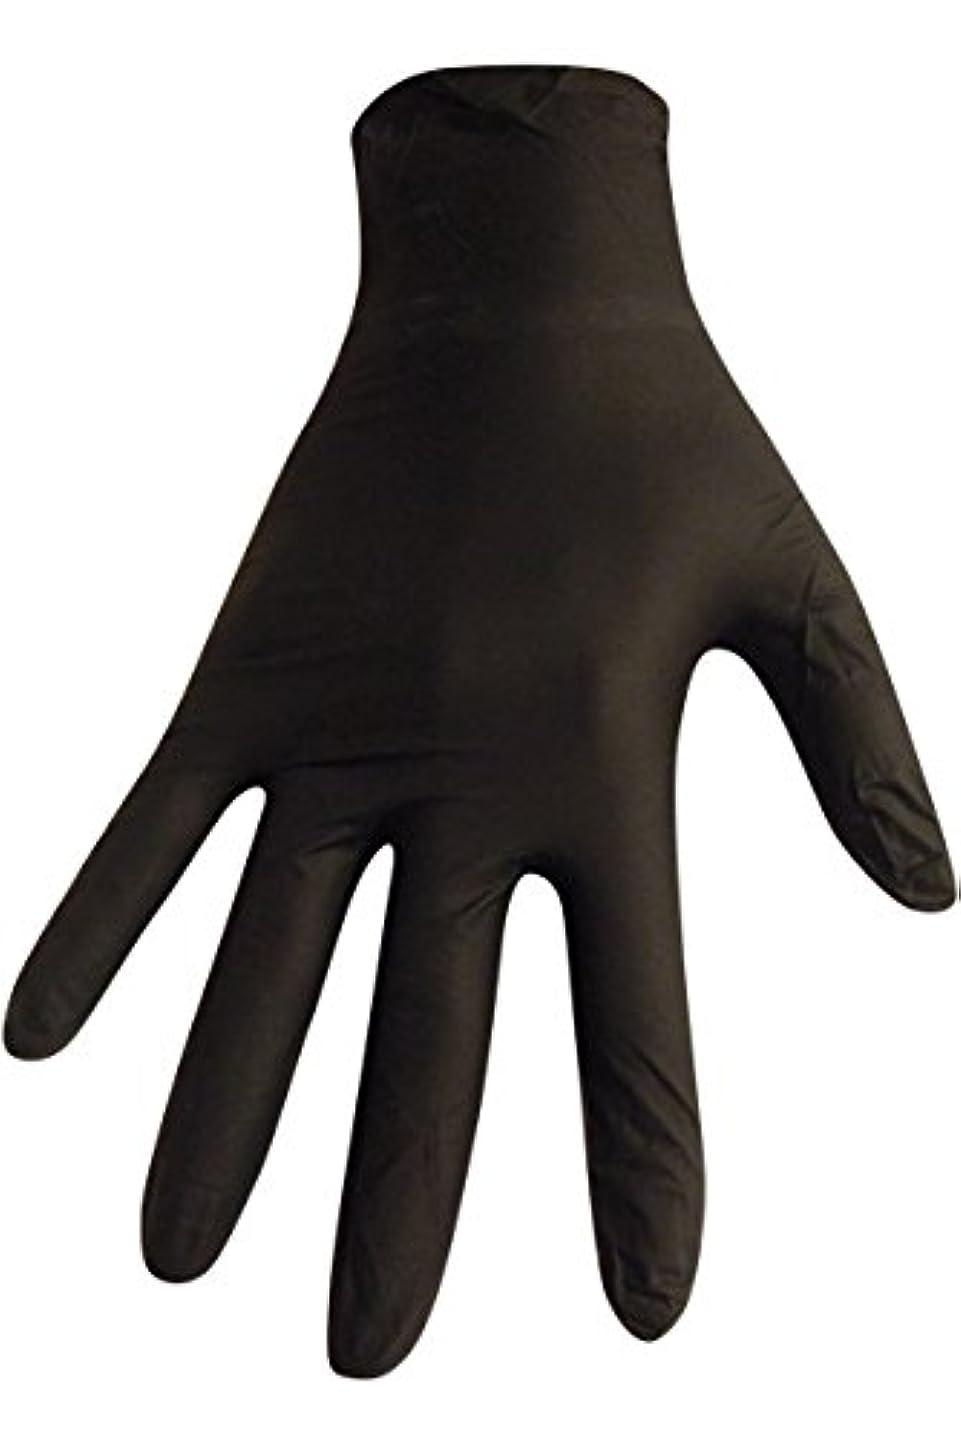 むしゃむしゃ芽情報【2個セット】【箱なし発送】ニトリル極薄手袋 S?M?L 選べる4色(100枚入) (L, ブラック)